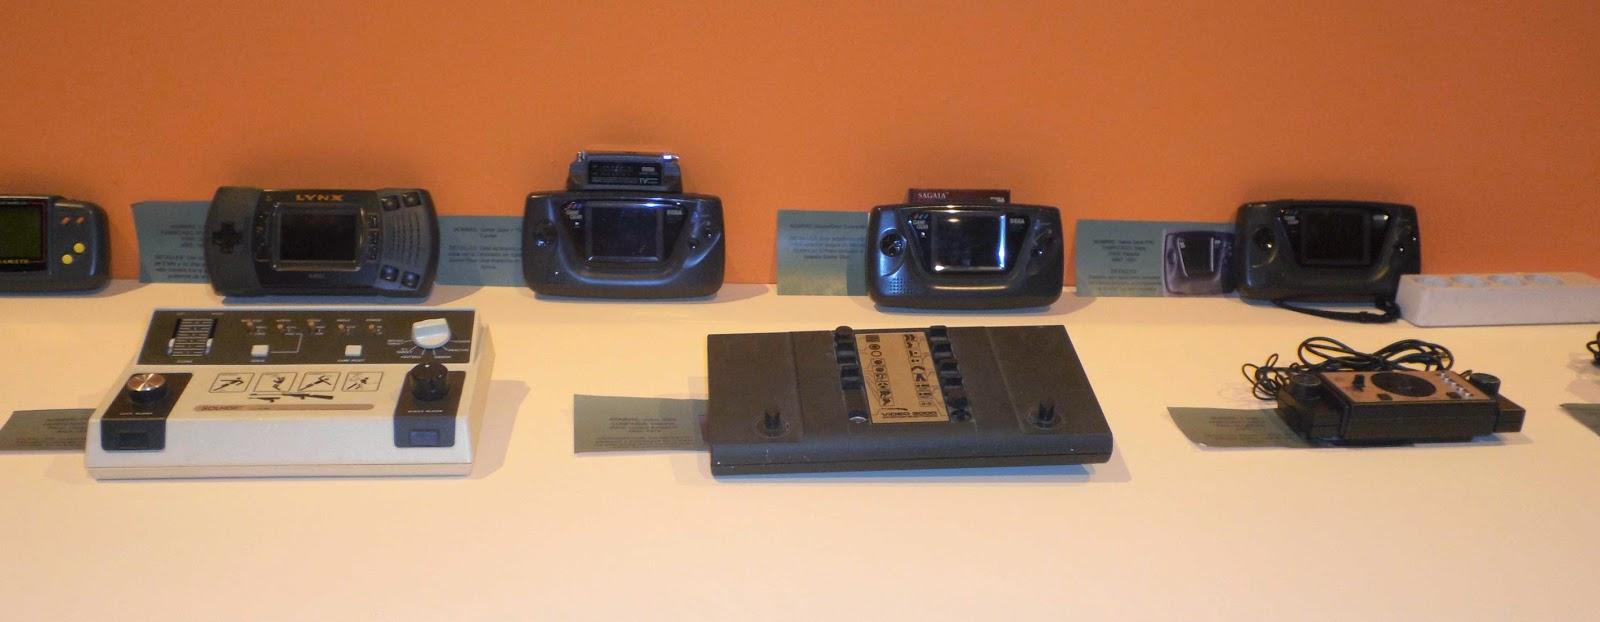 evolucion de las consolas de videojuegos